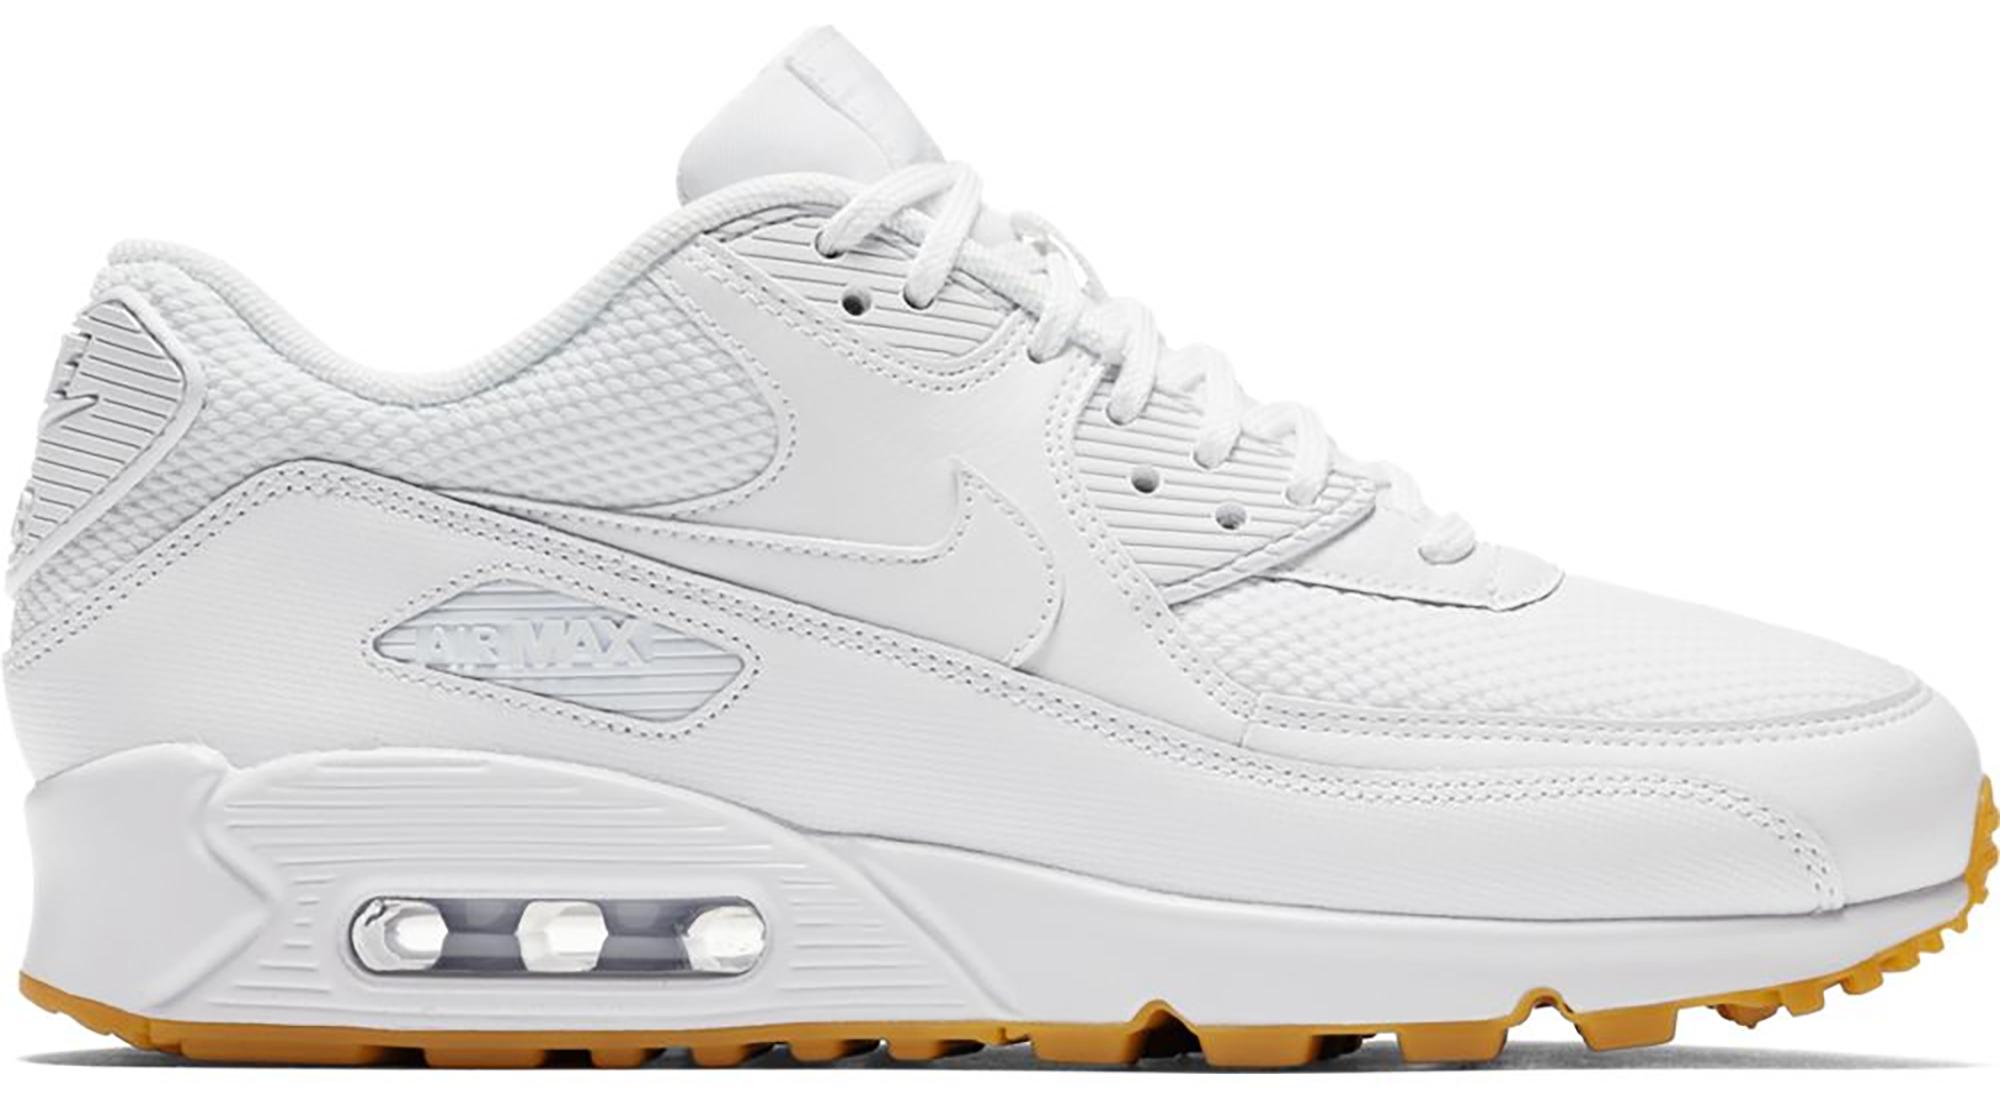 Nike Air Max 90 White Gum (W) - 325213-135